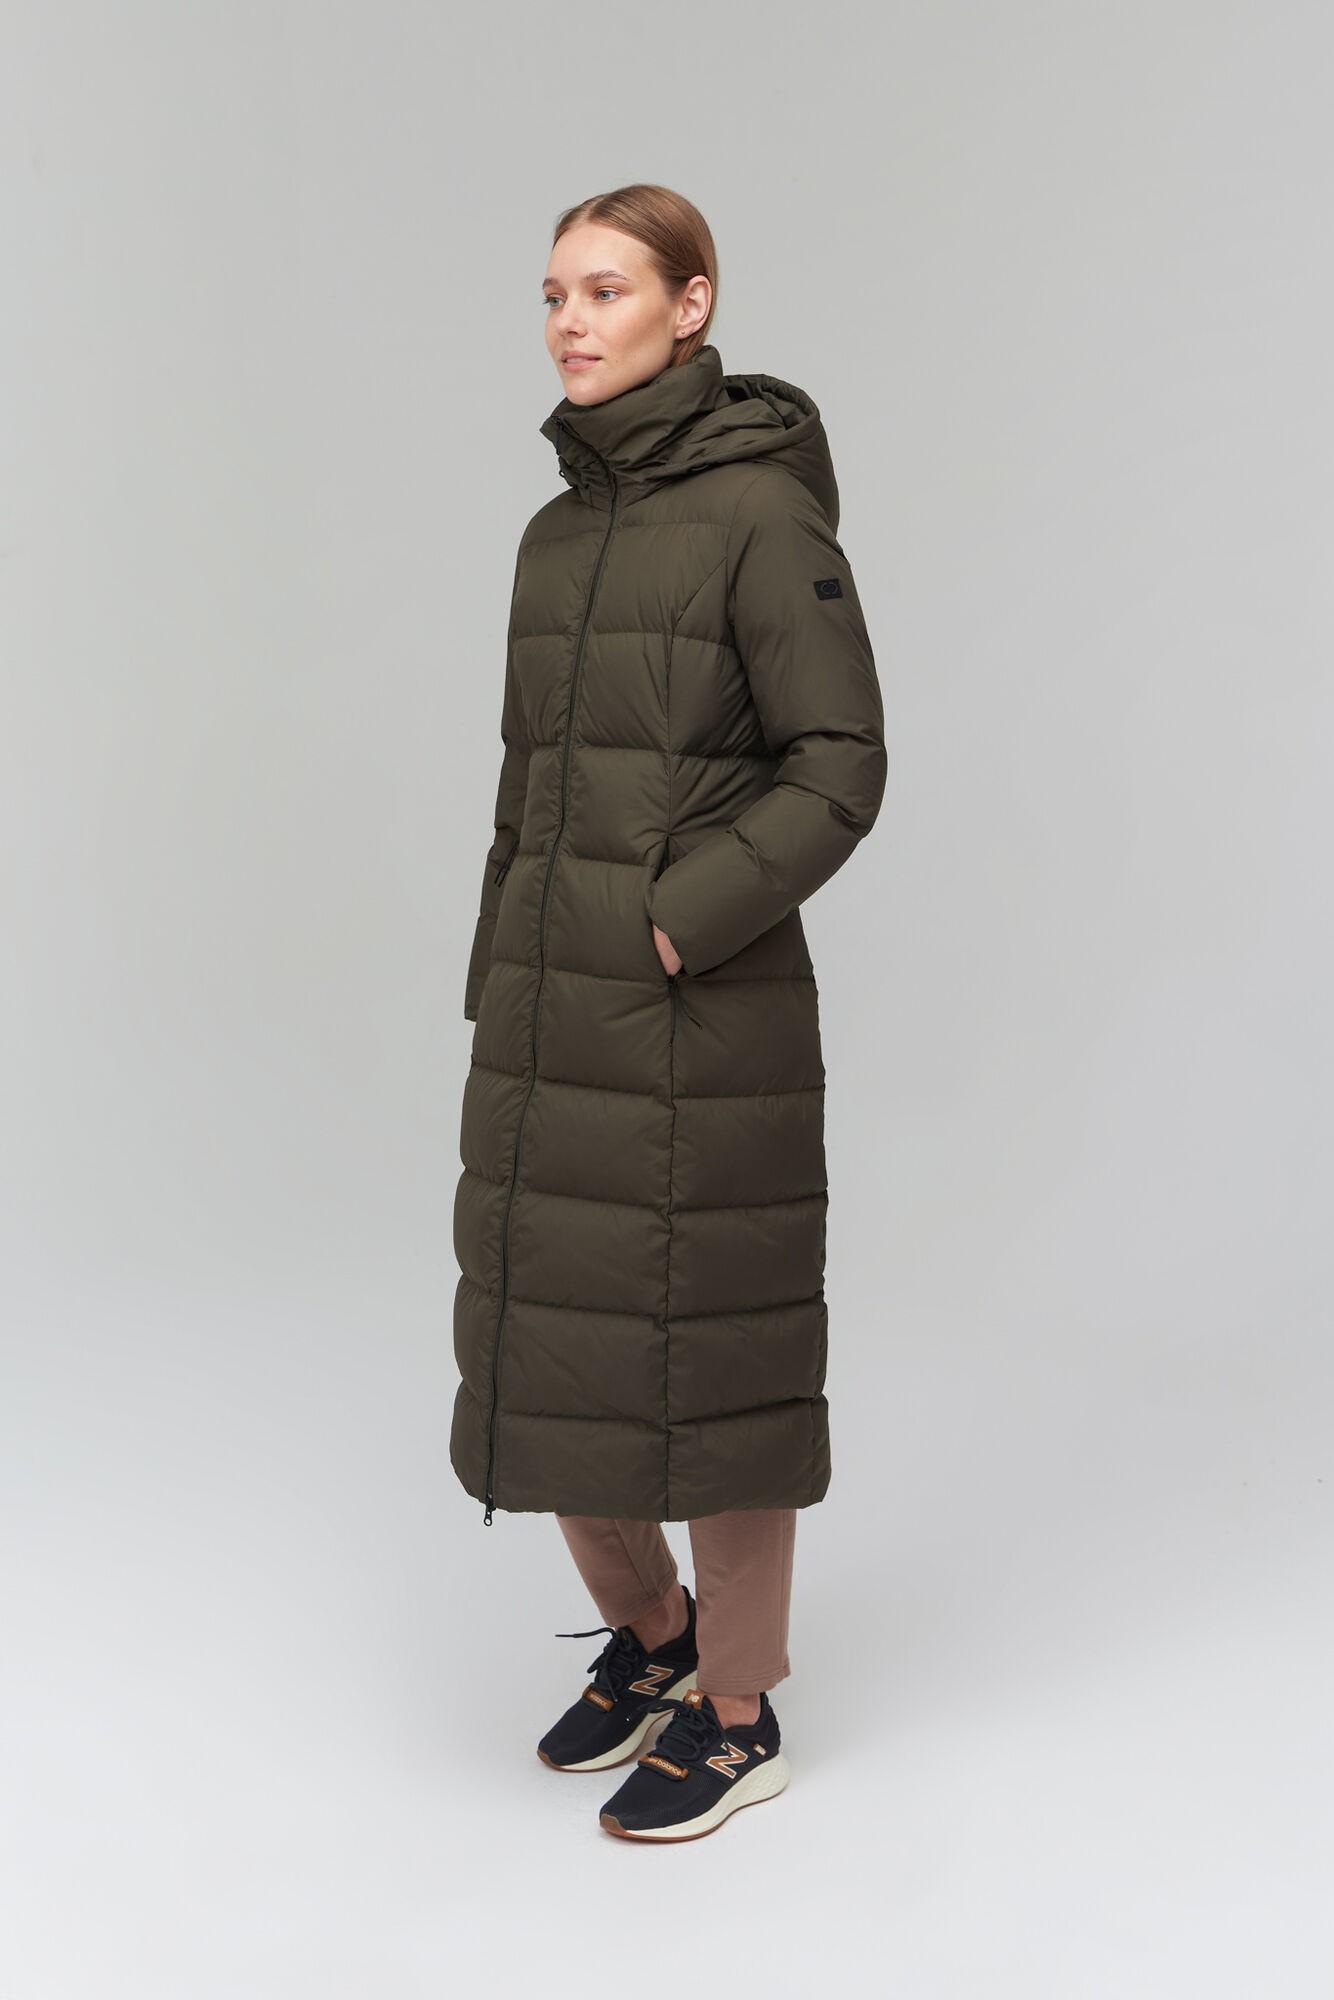 AUDIMAS Ilgas pūkinis paltas 2021-157 Black Olive S